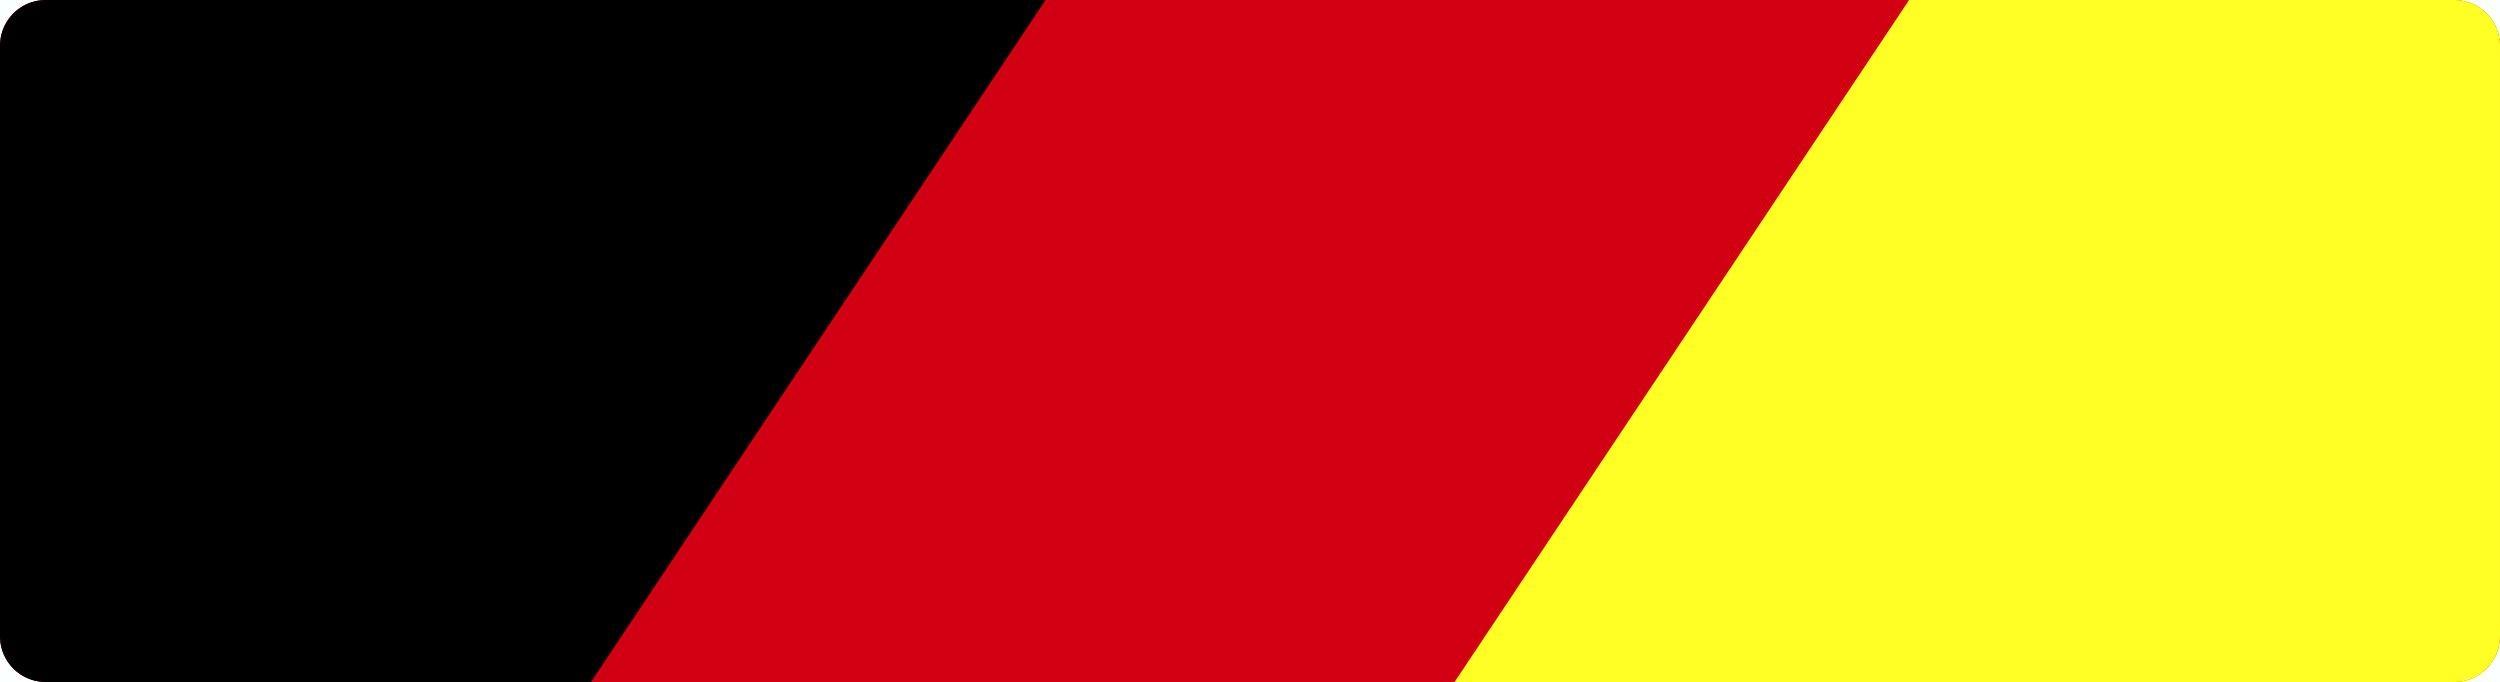 Aufkleber Deutschland Flagge Dimension 15 x 55 mm Deutschland Fanartikel  – Bild 1